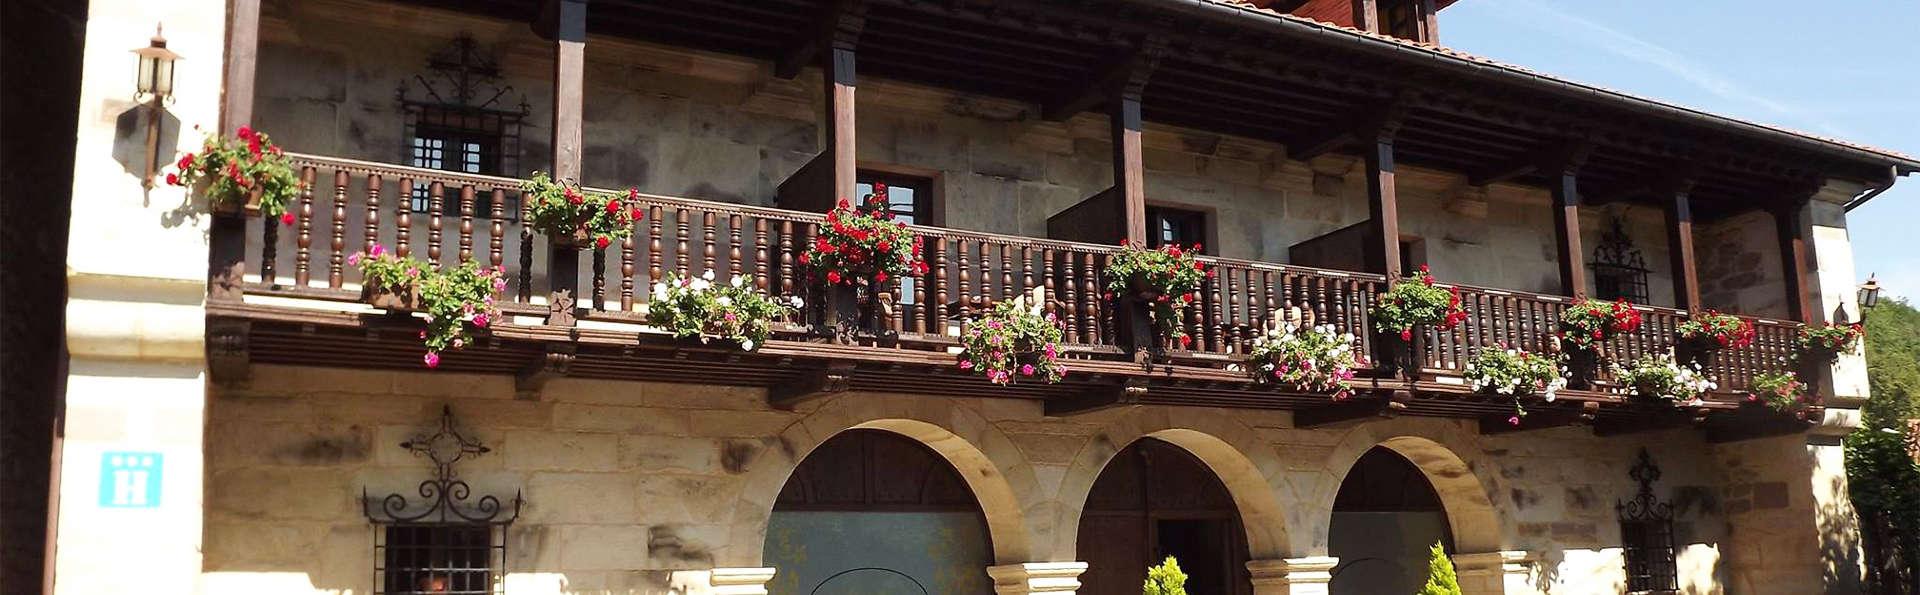 Hotel Spa Casona La Hondonada - EDIT_facade.jpg